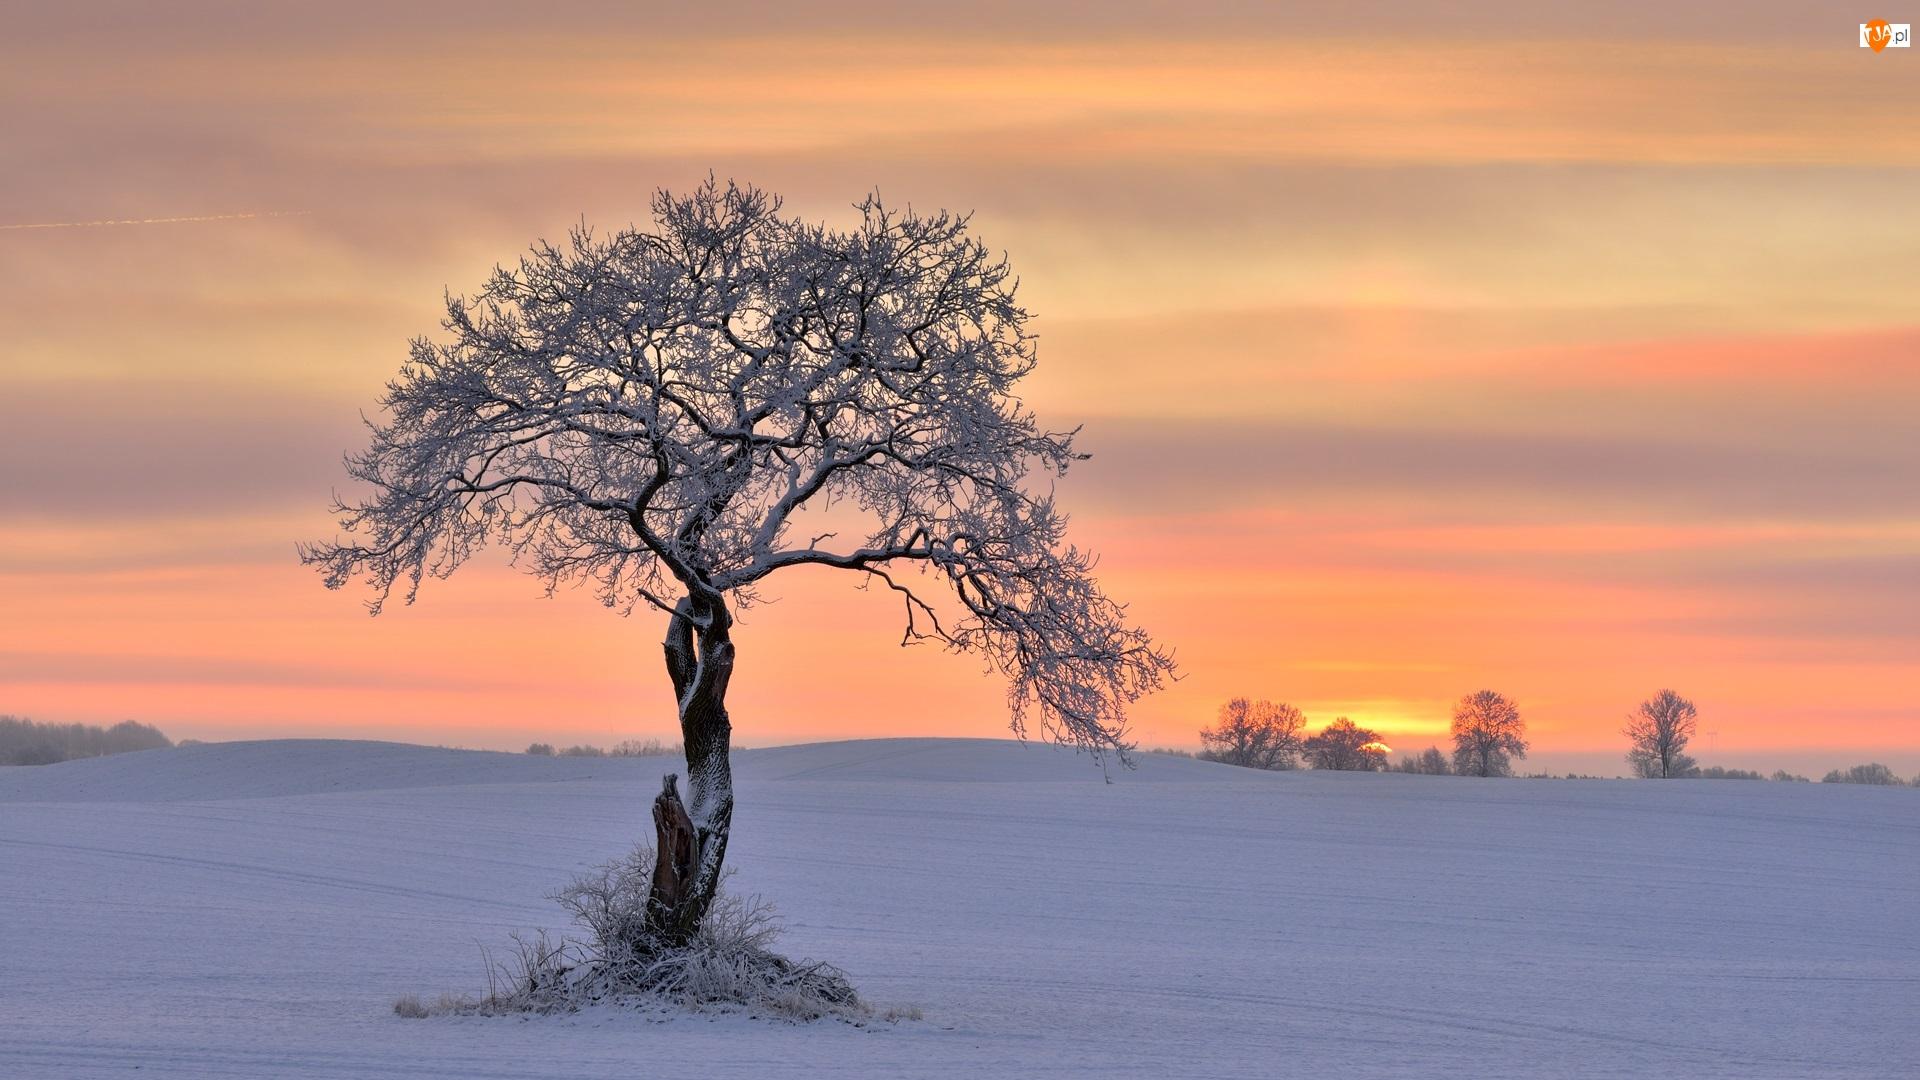 Ośnieżone, Wschód słońca, Drzewa, Zima, Drzewo